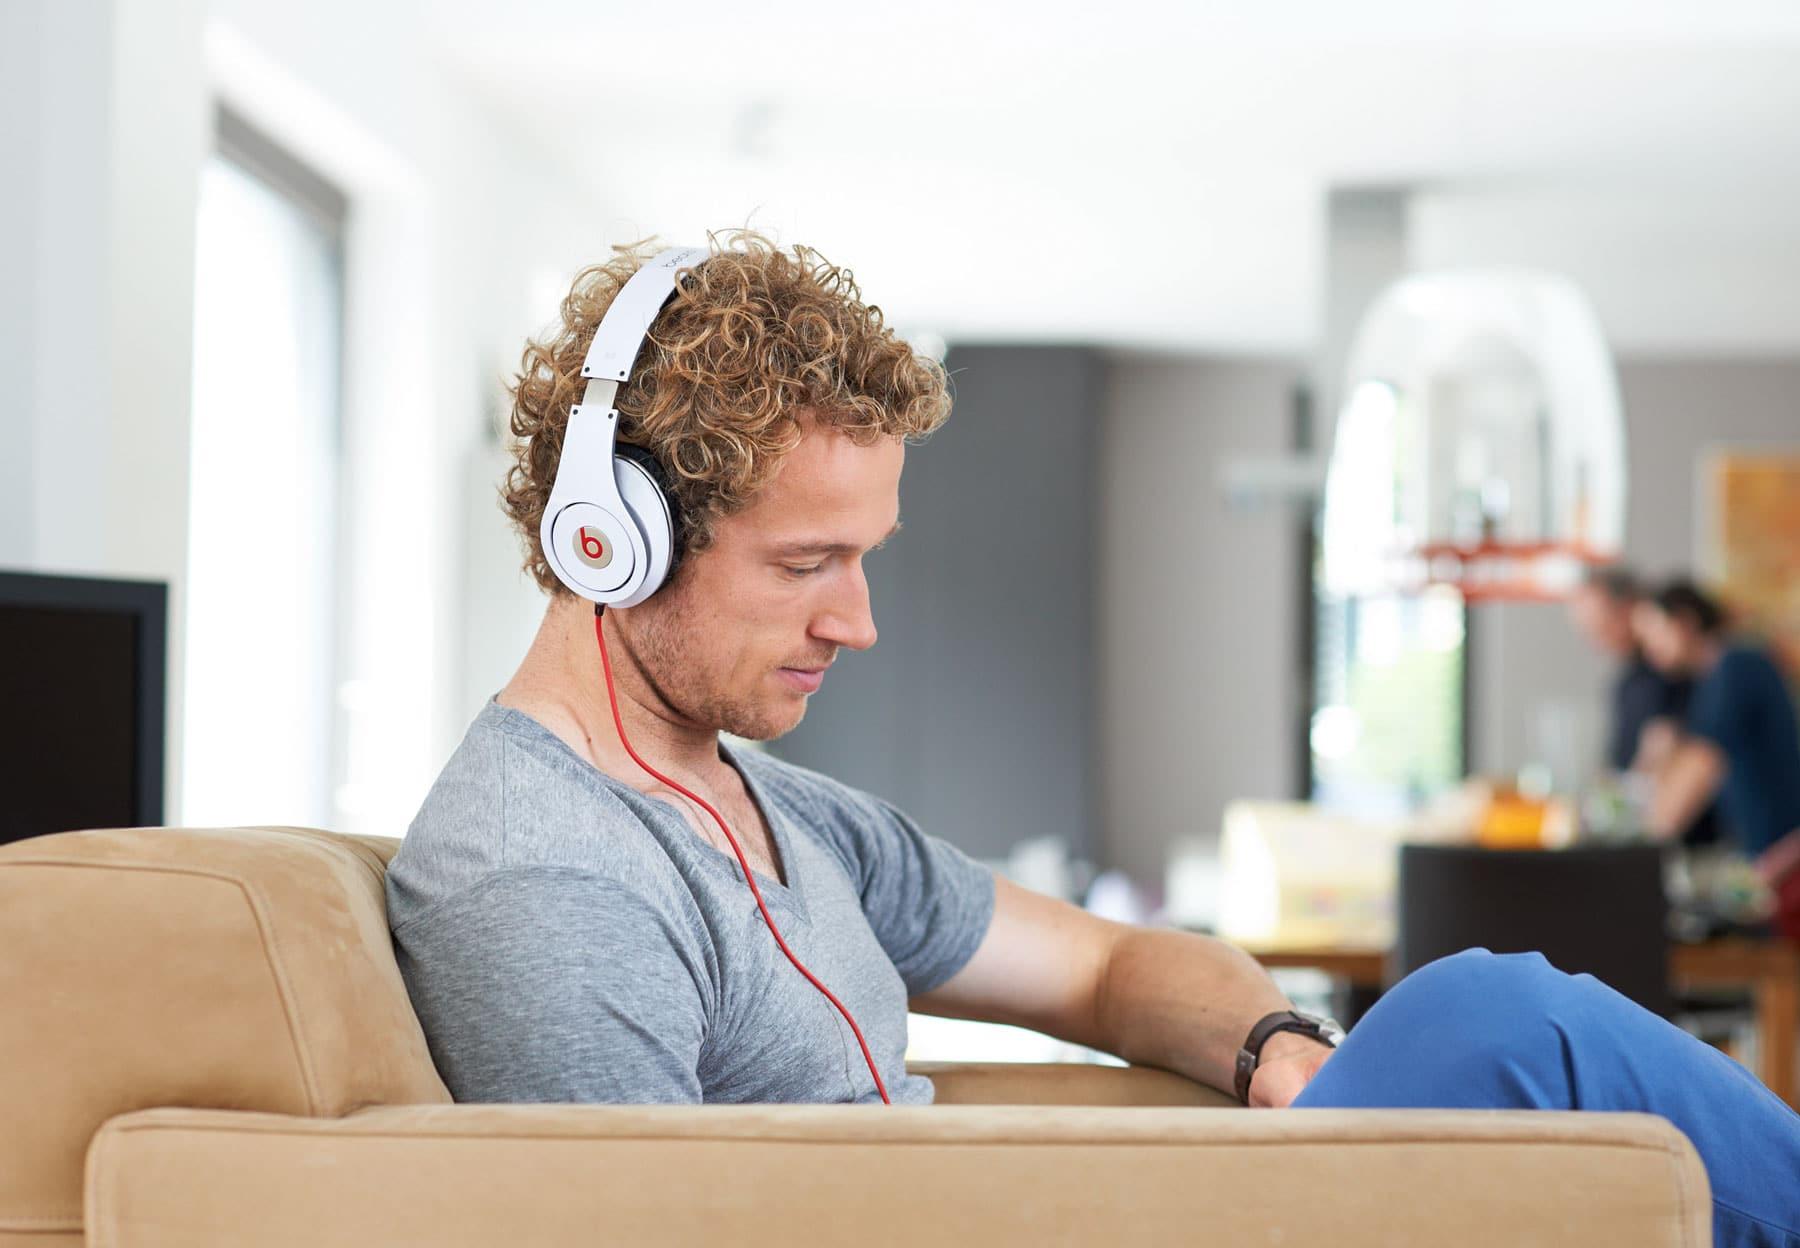 Portrait einer junger Mann mit weißem Kopfhörer in modernem Ambiente